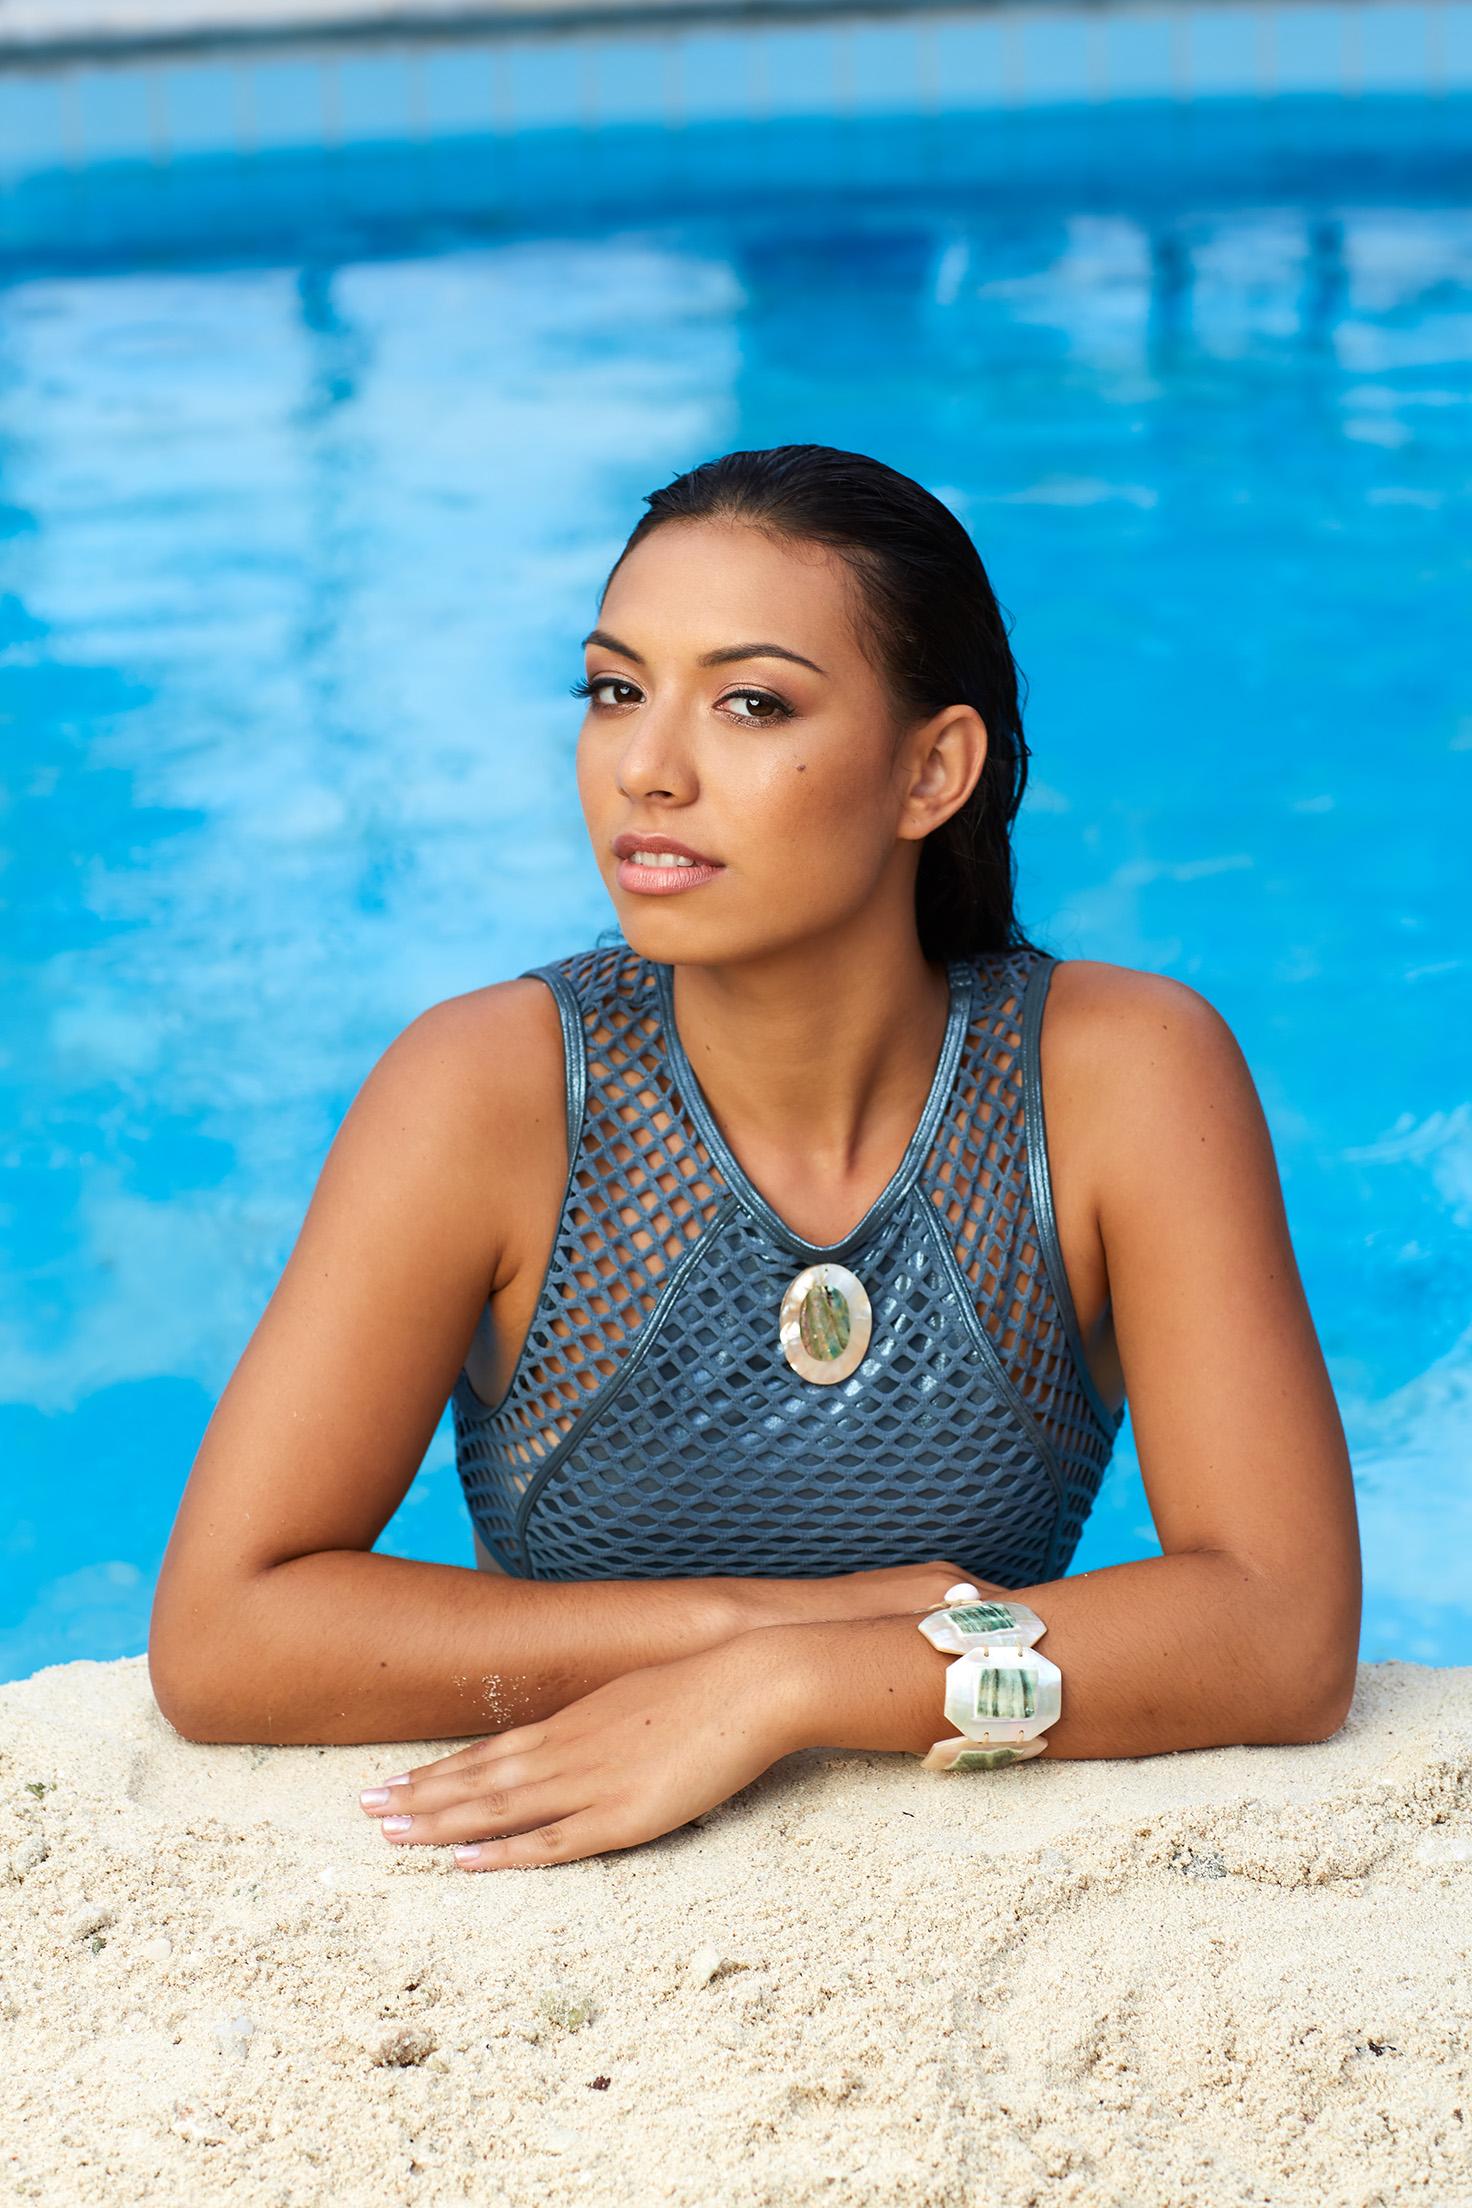 Élection de Miss Tahiti 2016 : qui succédera ce soir à Vaimiti Teiefitu ?